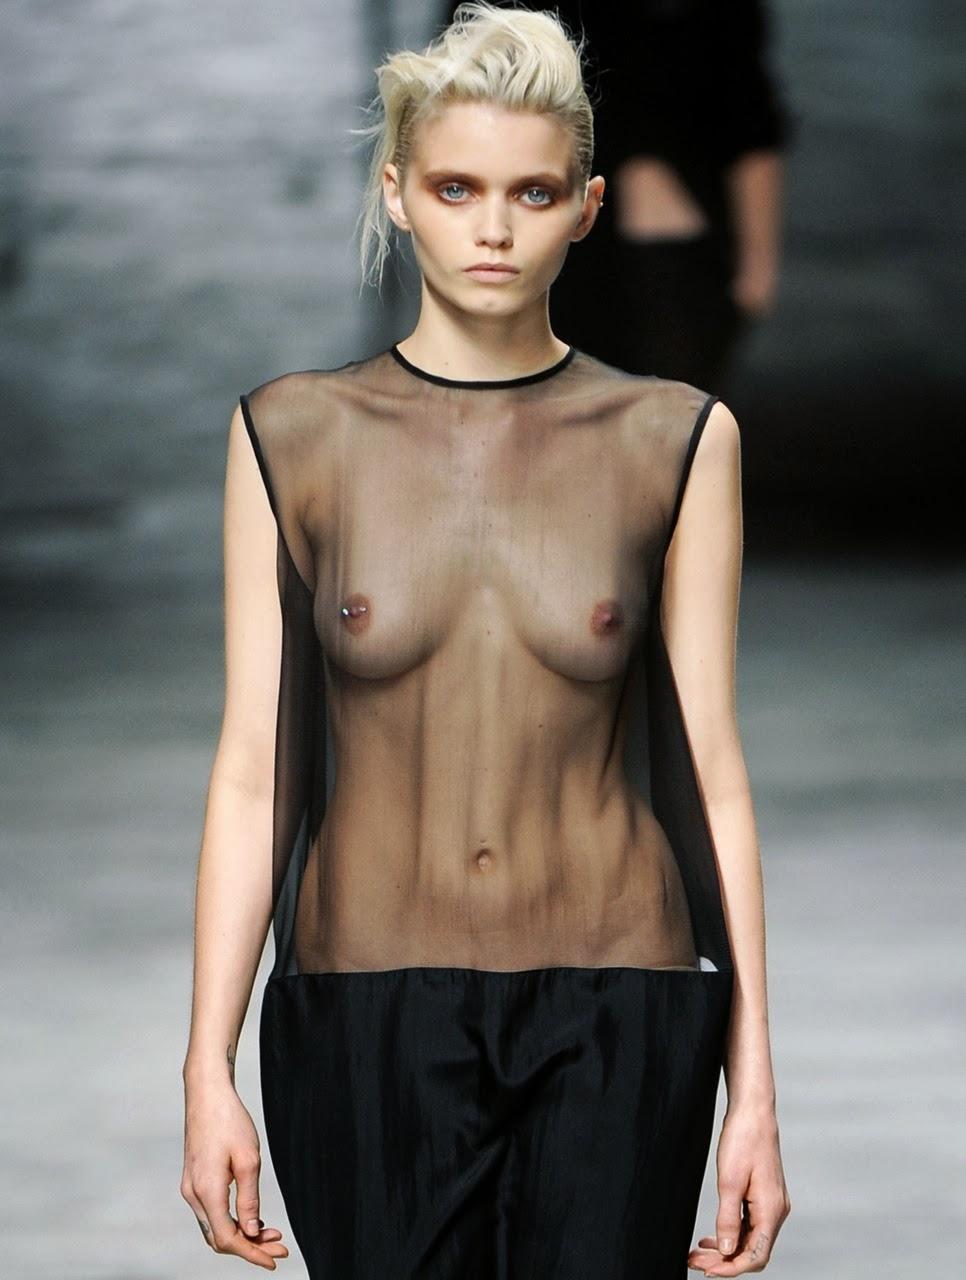 Abbey Lee Kershaw - breasts